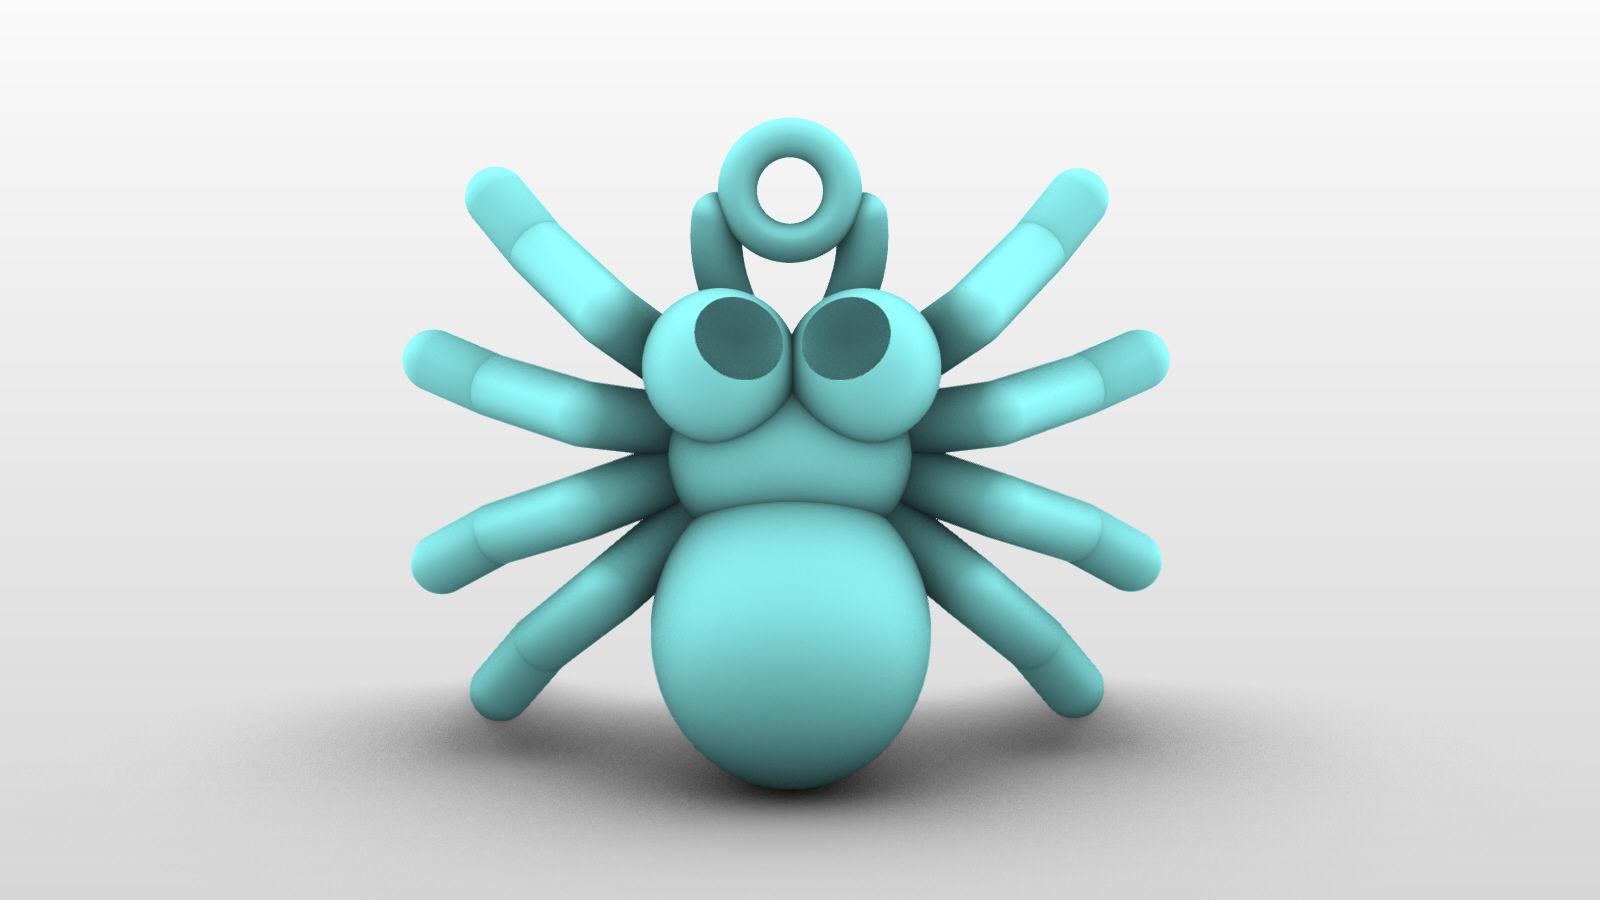 Charm pendant - adorable little spider